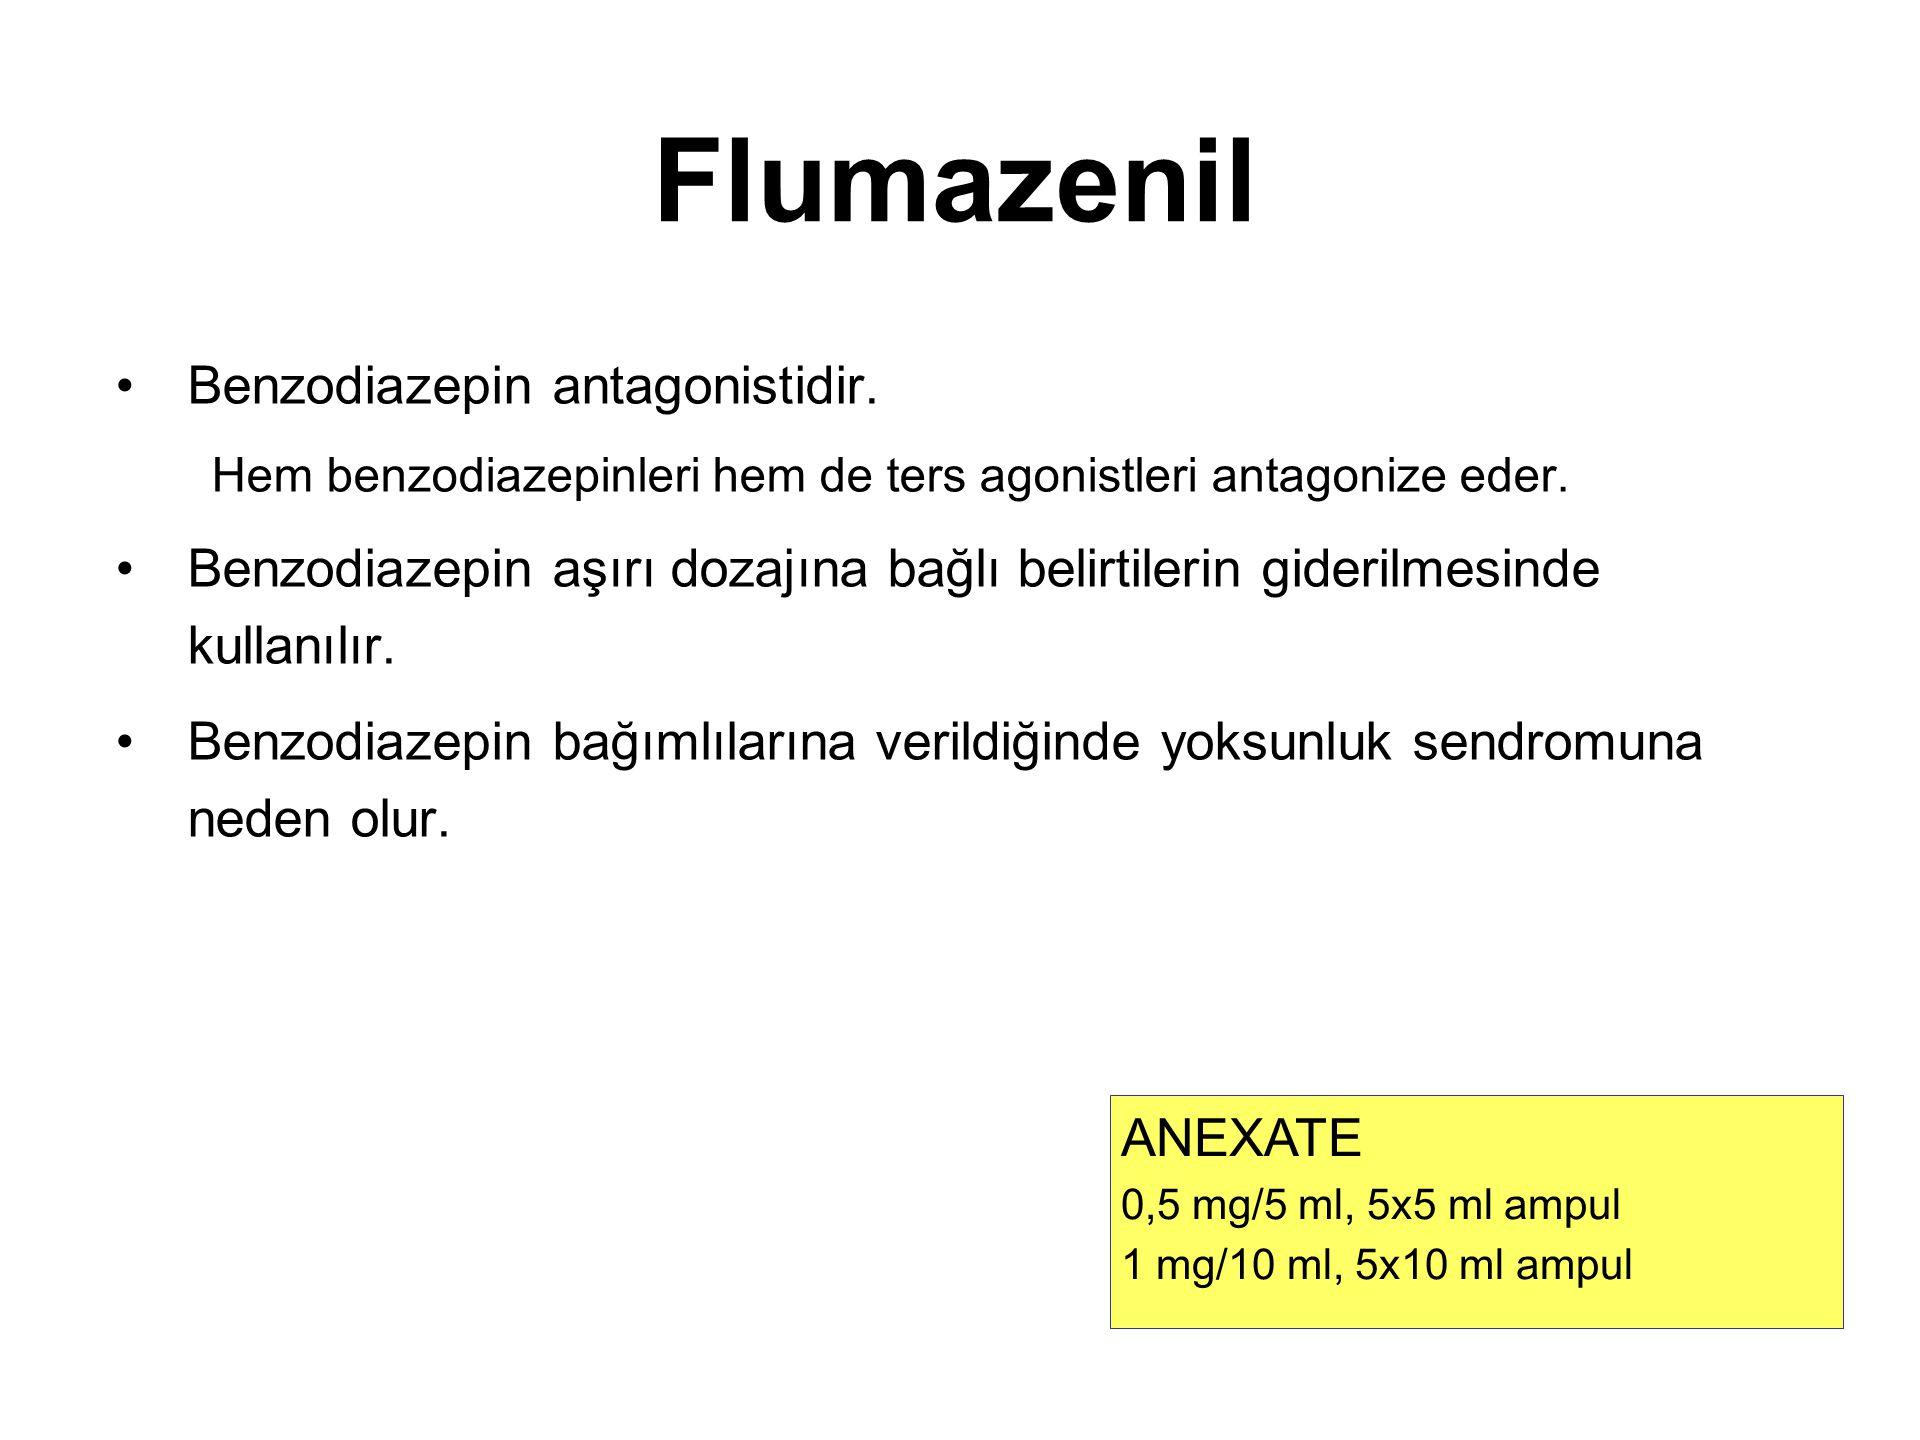 Klorpromazin Sedatif Etki Katalepsi (Katatoni) (yüksek dozda) Prokonvülsan Etki CTZ İnhibisyonu Hipotermi Endokrin Etkiler –prolaktin salgısında artış –FSH ve LH salgısında inhibisyon Ekstrapiramidal Etkiler Otonom ve Diğer Etkiler –  1 -blokaj –antikolinerjik etki –lokal anestezik etki –antihistaminik etki –5-HT 2 blokajı Vazomotor ve Solunum Merkezi Üzerine Depresan (Zayıf) Etki